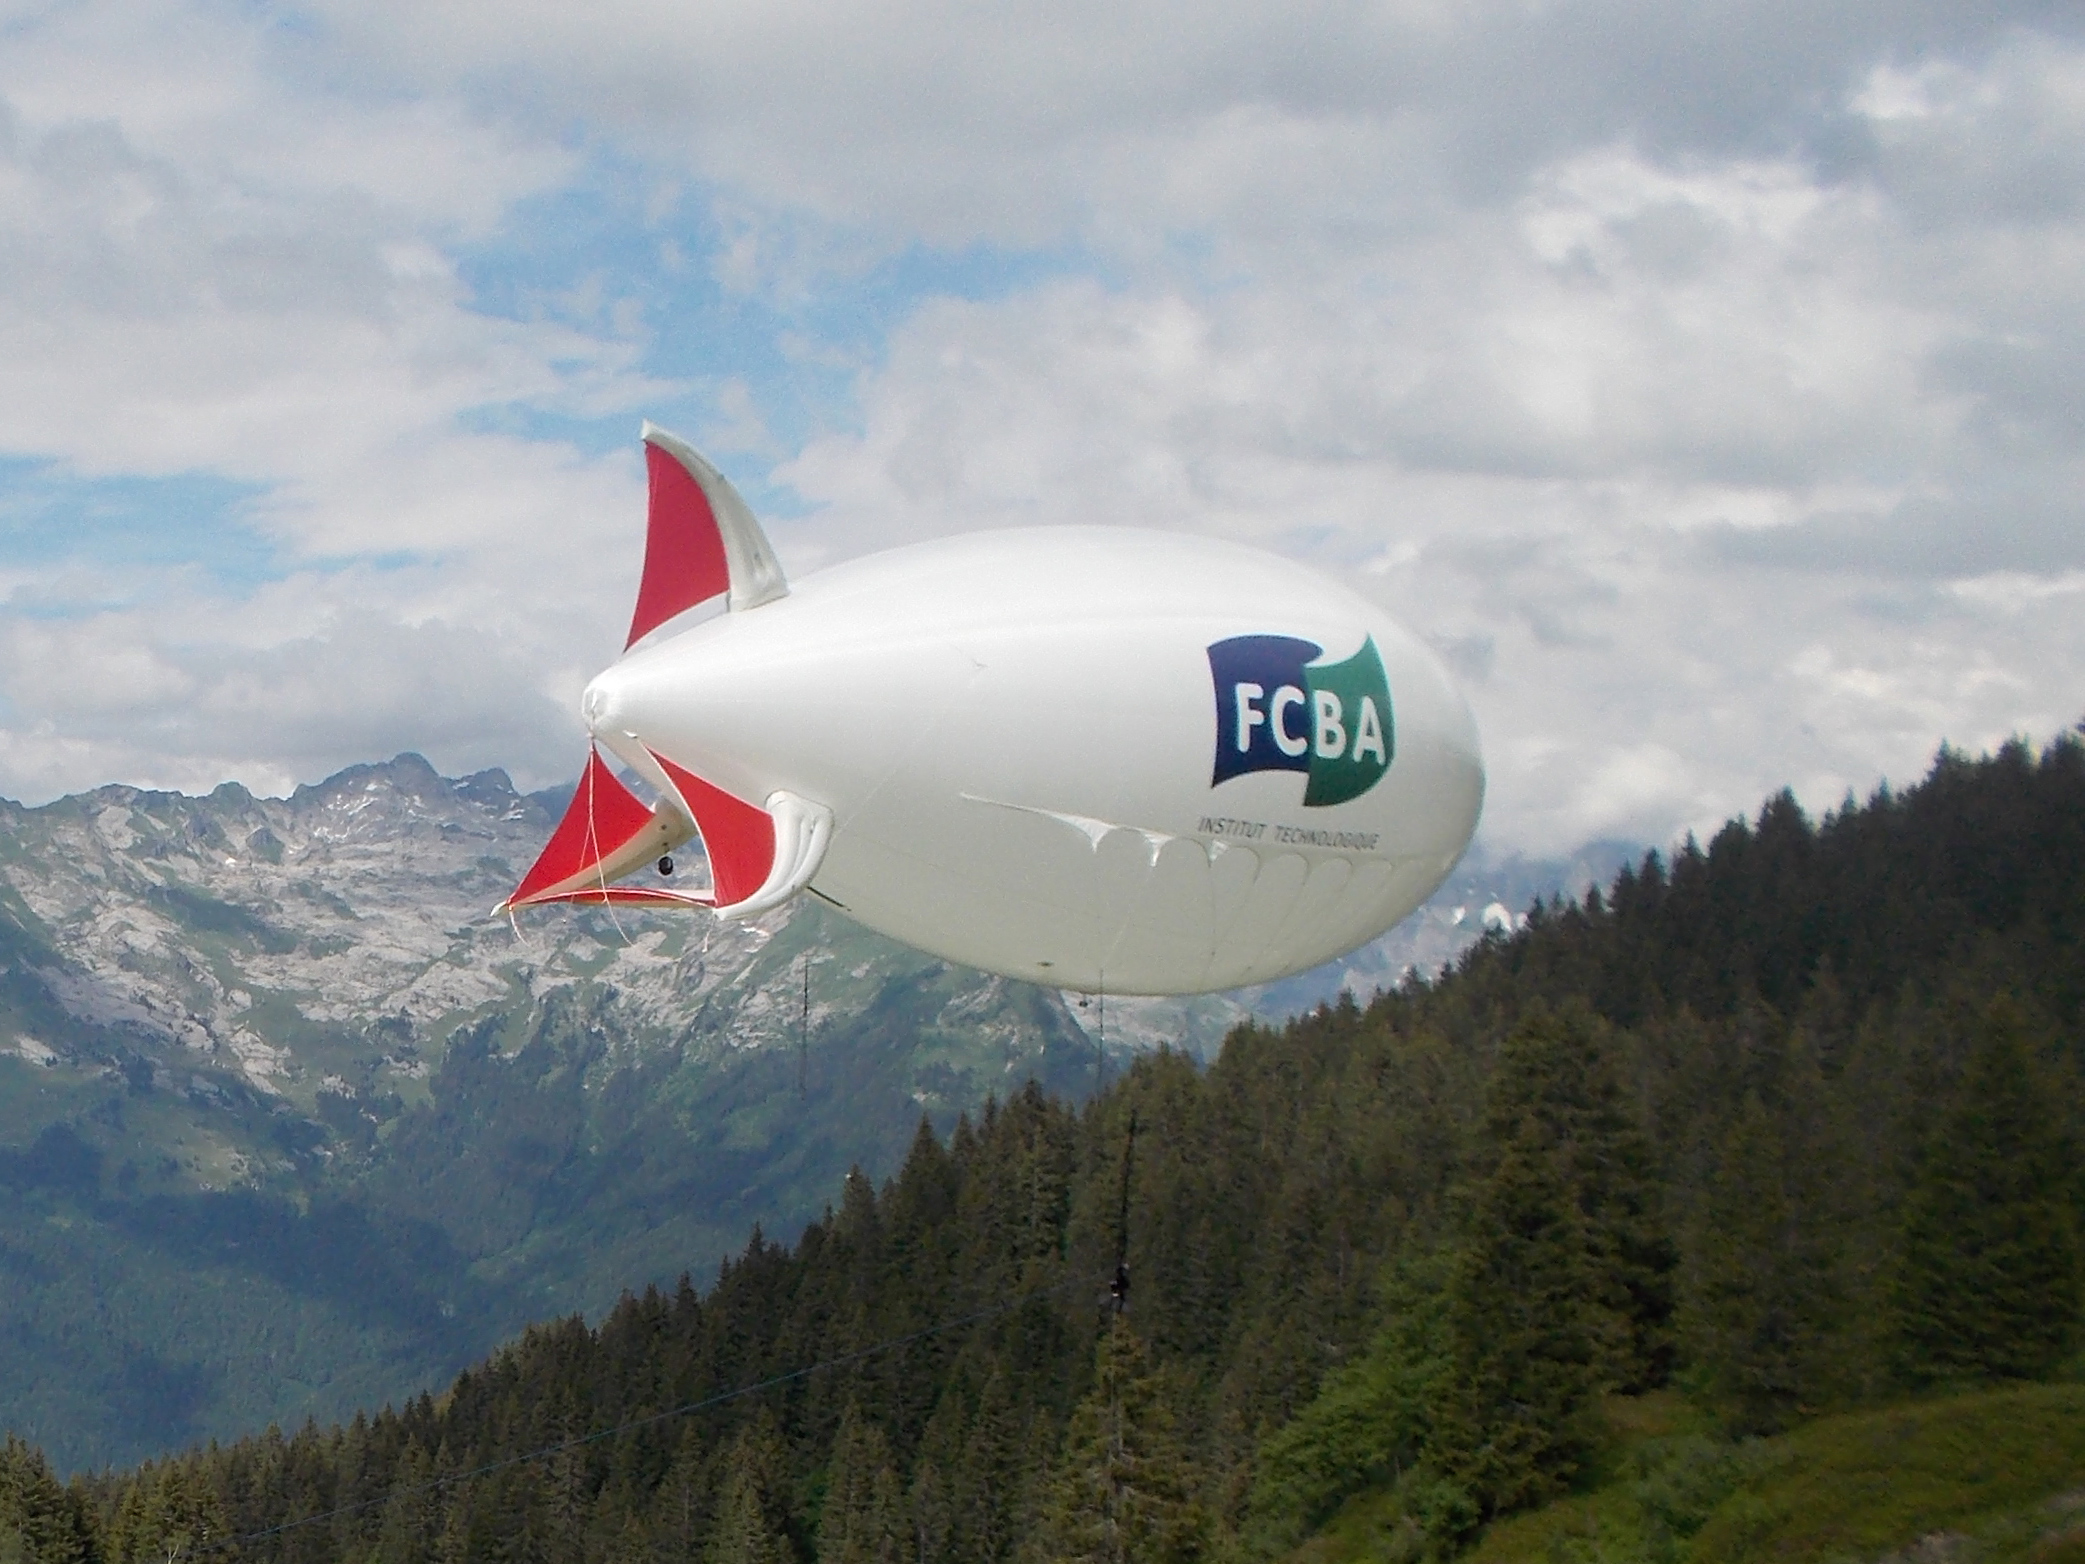 ballon-fbca.jpg